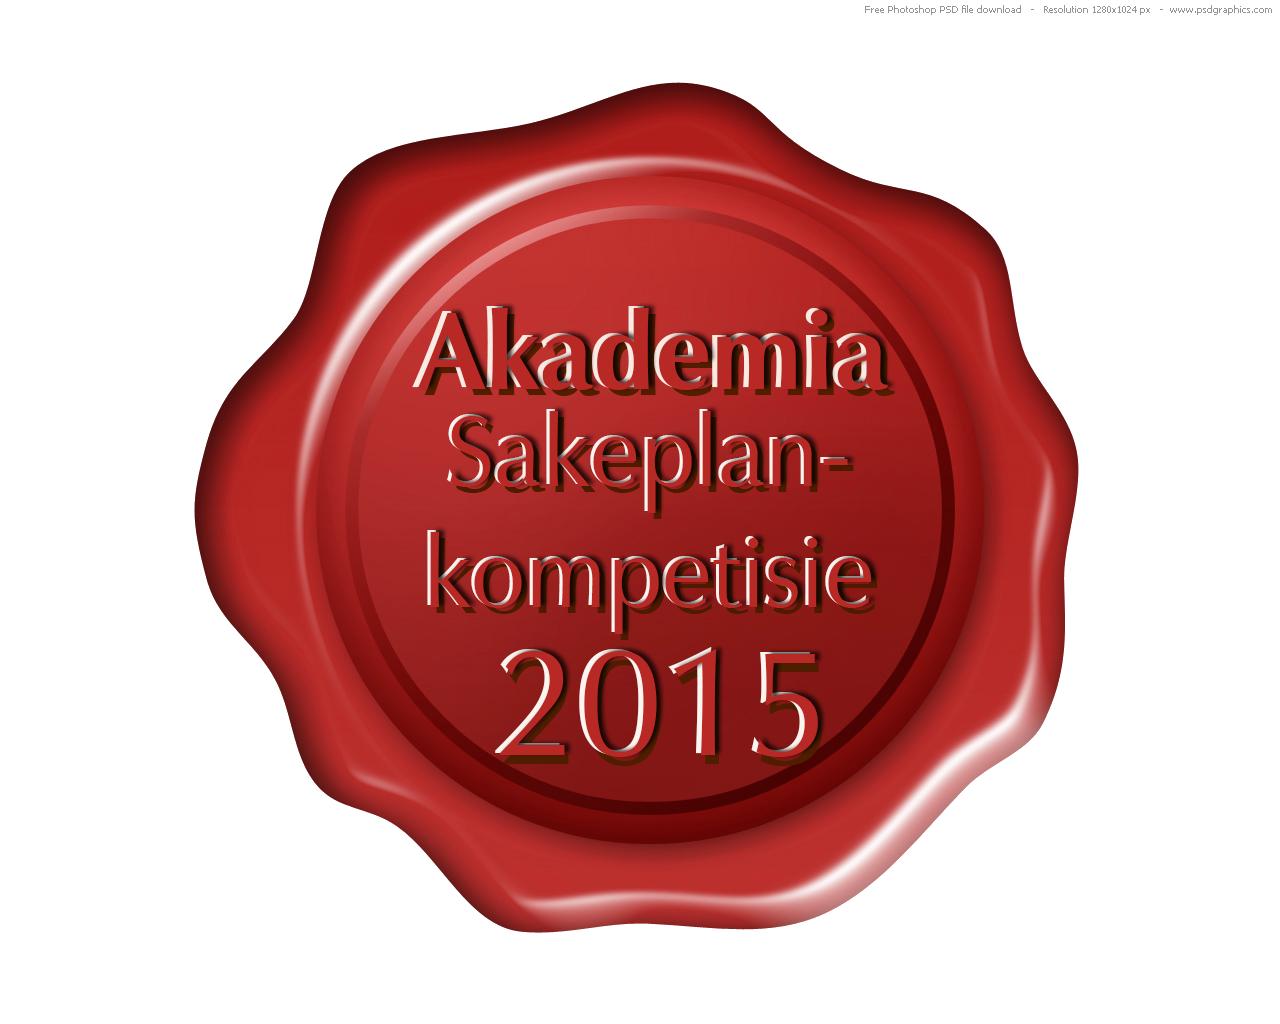 Peri-Peri-Creative-Akademia-Sakeplankompetisie-2015-logo concept2